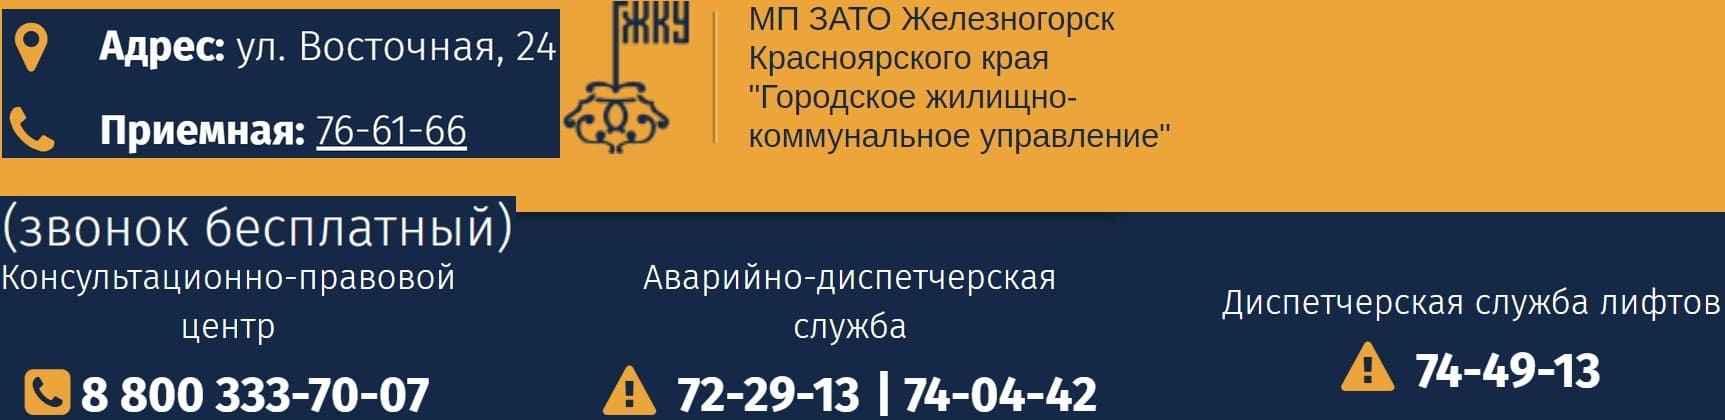 ГЖКУ Железногорск личный кабинет